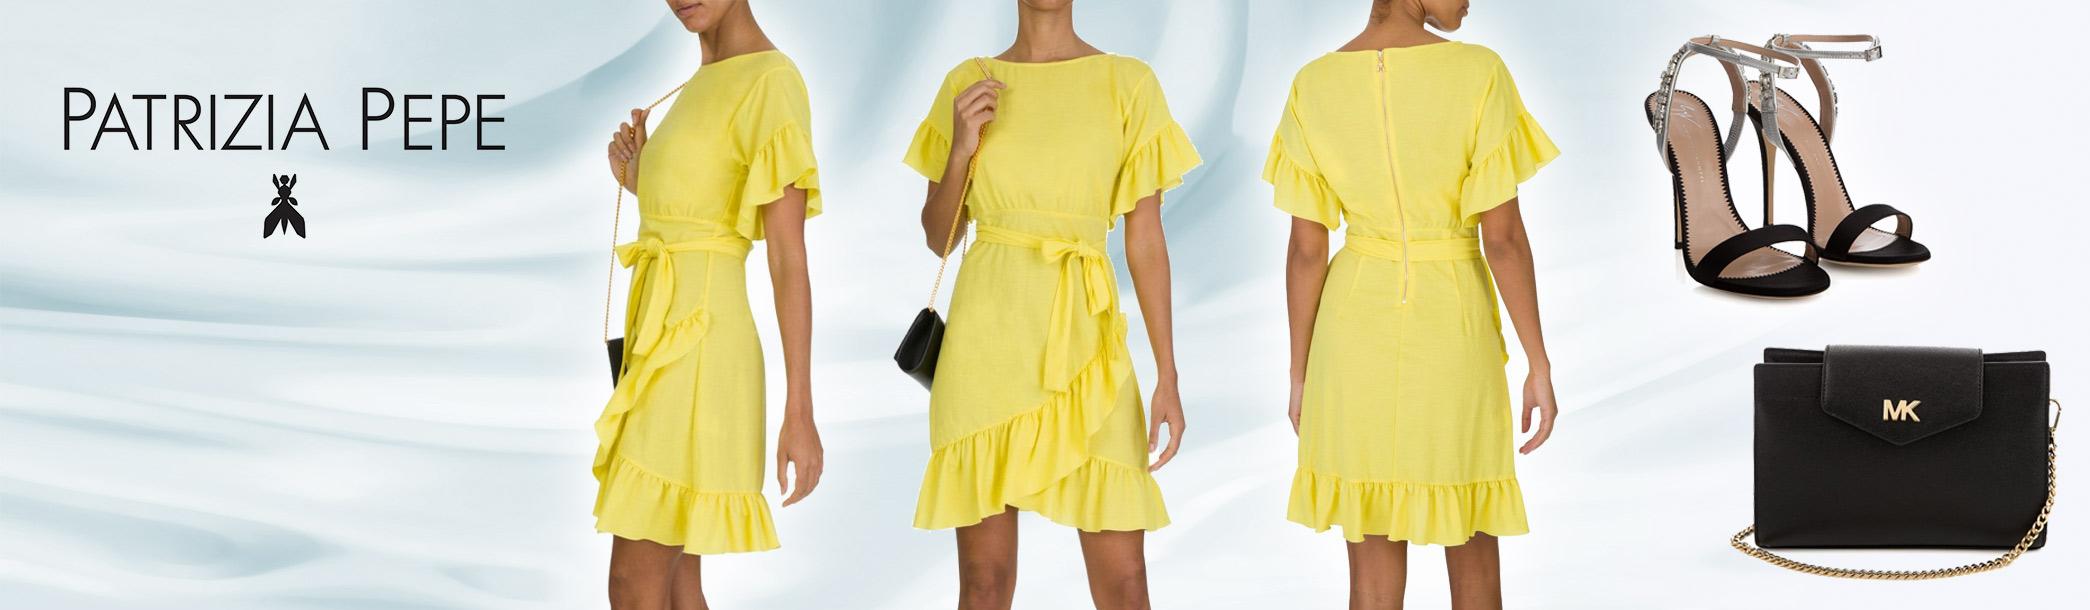 Staff Pick: Patrizia Pepe Yellow Frill Dress